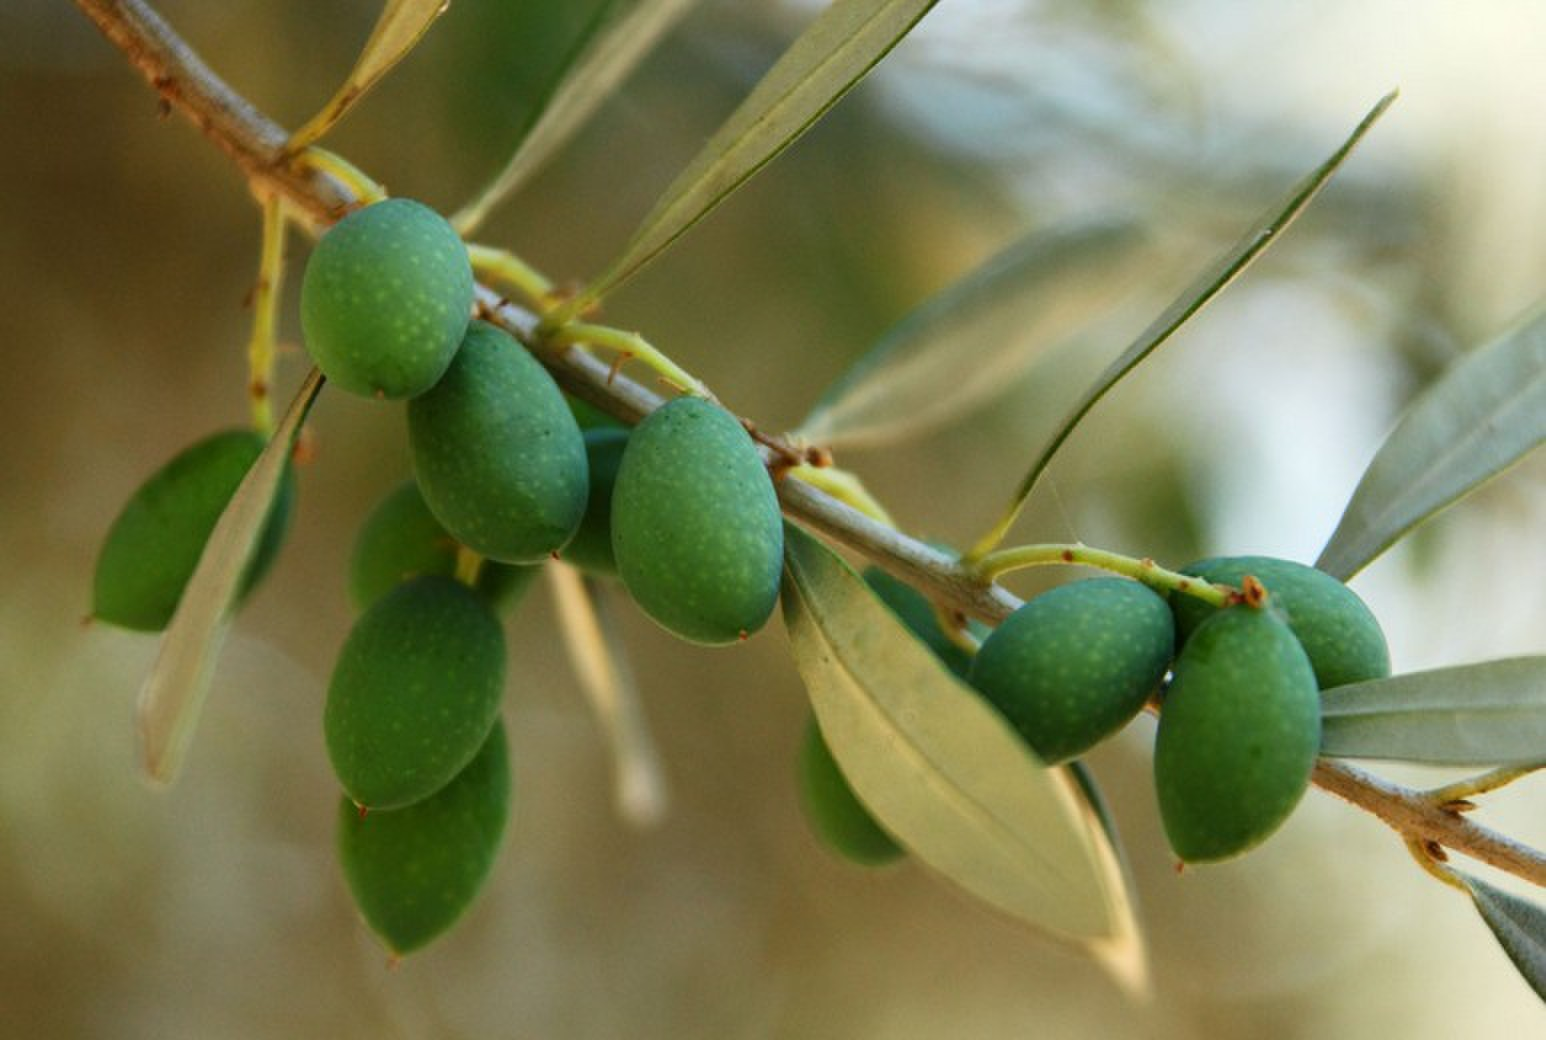 橄榄叶提取物 羟基酪醇 20%示例图4